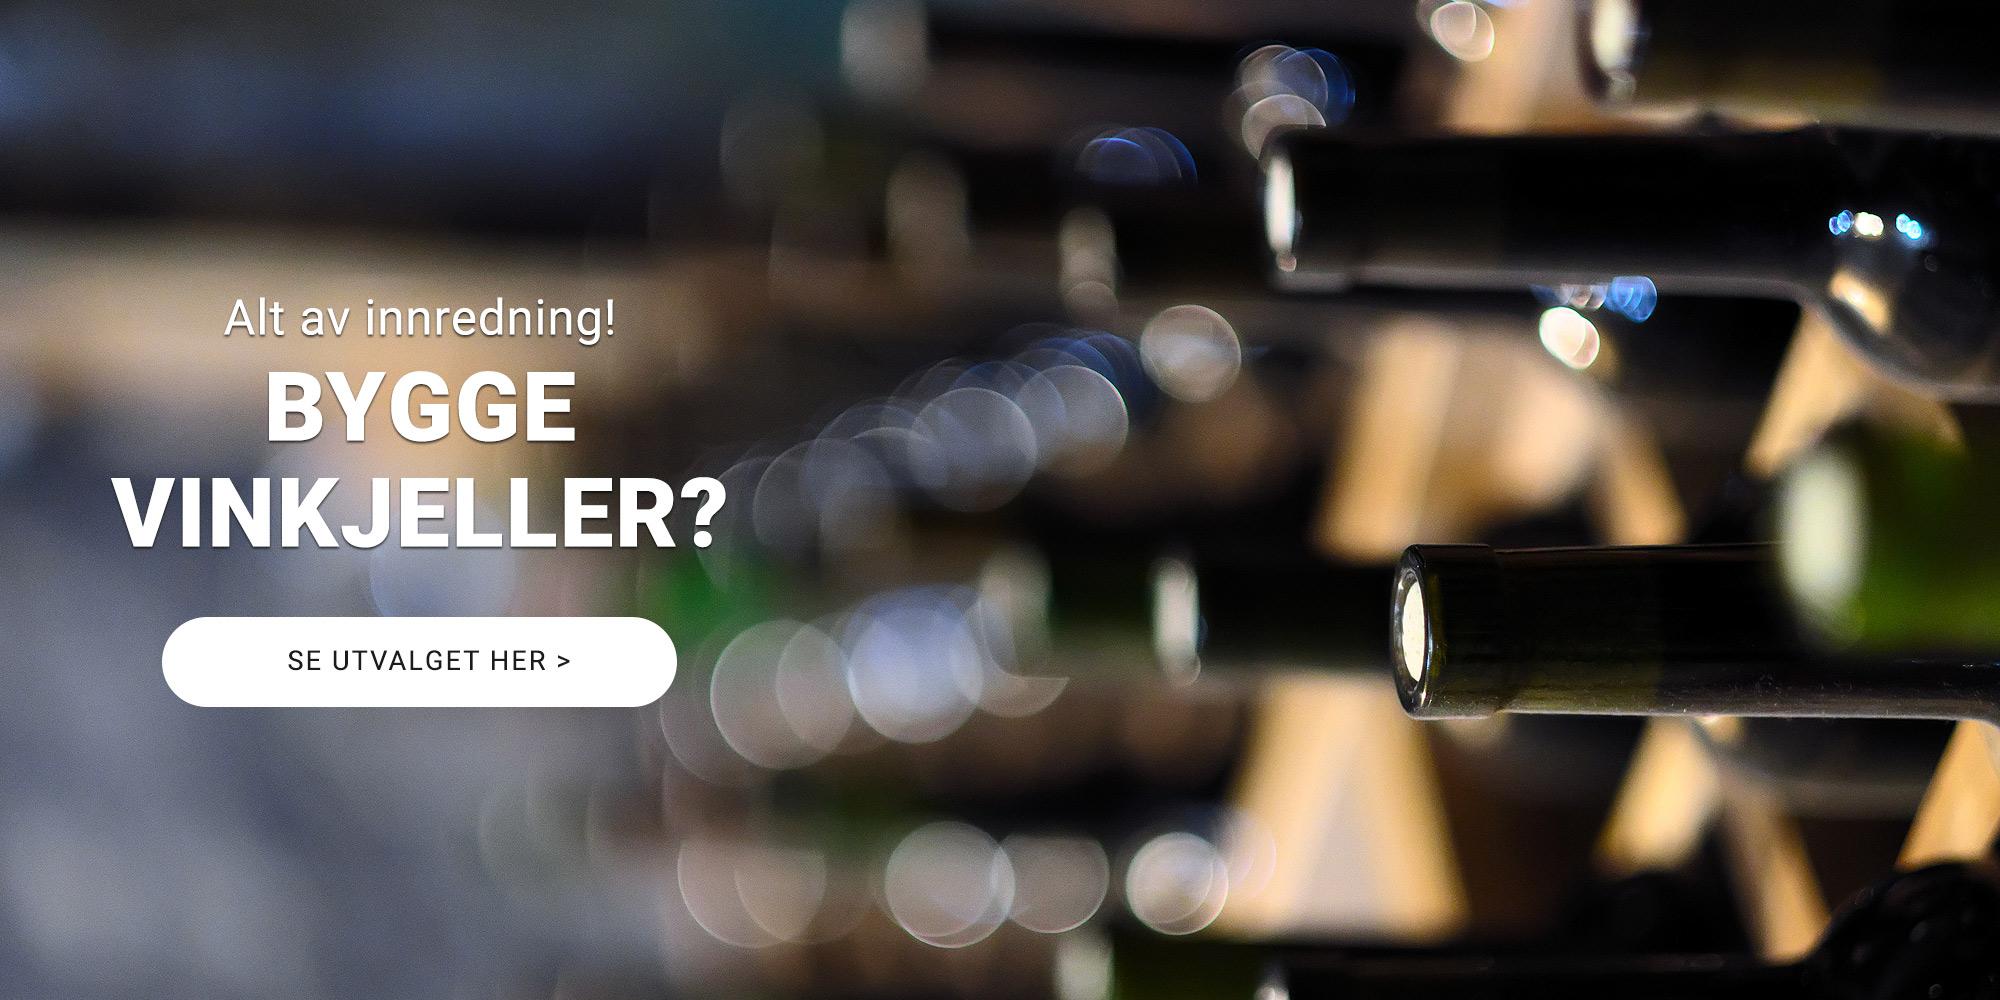 Bygge vinkjeller?